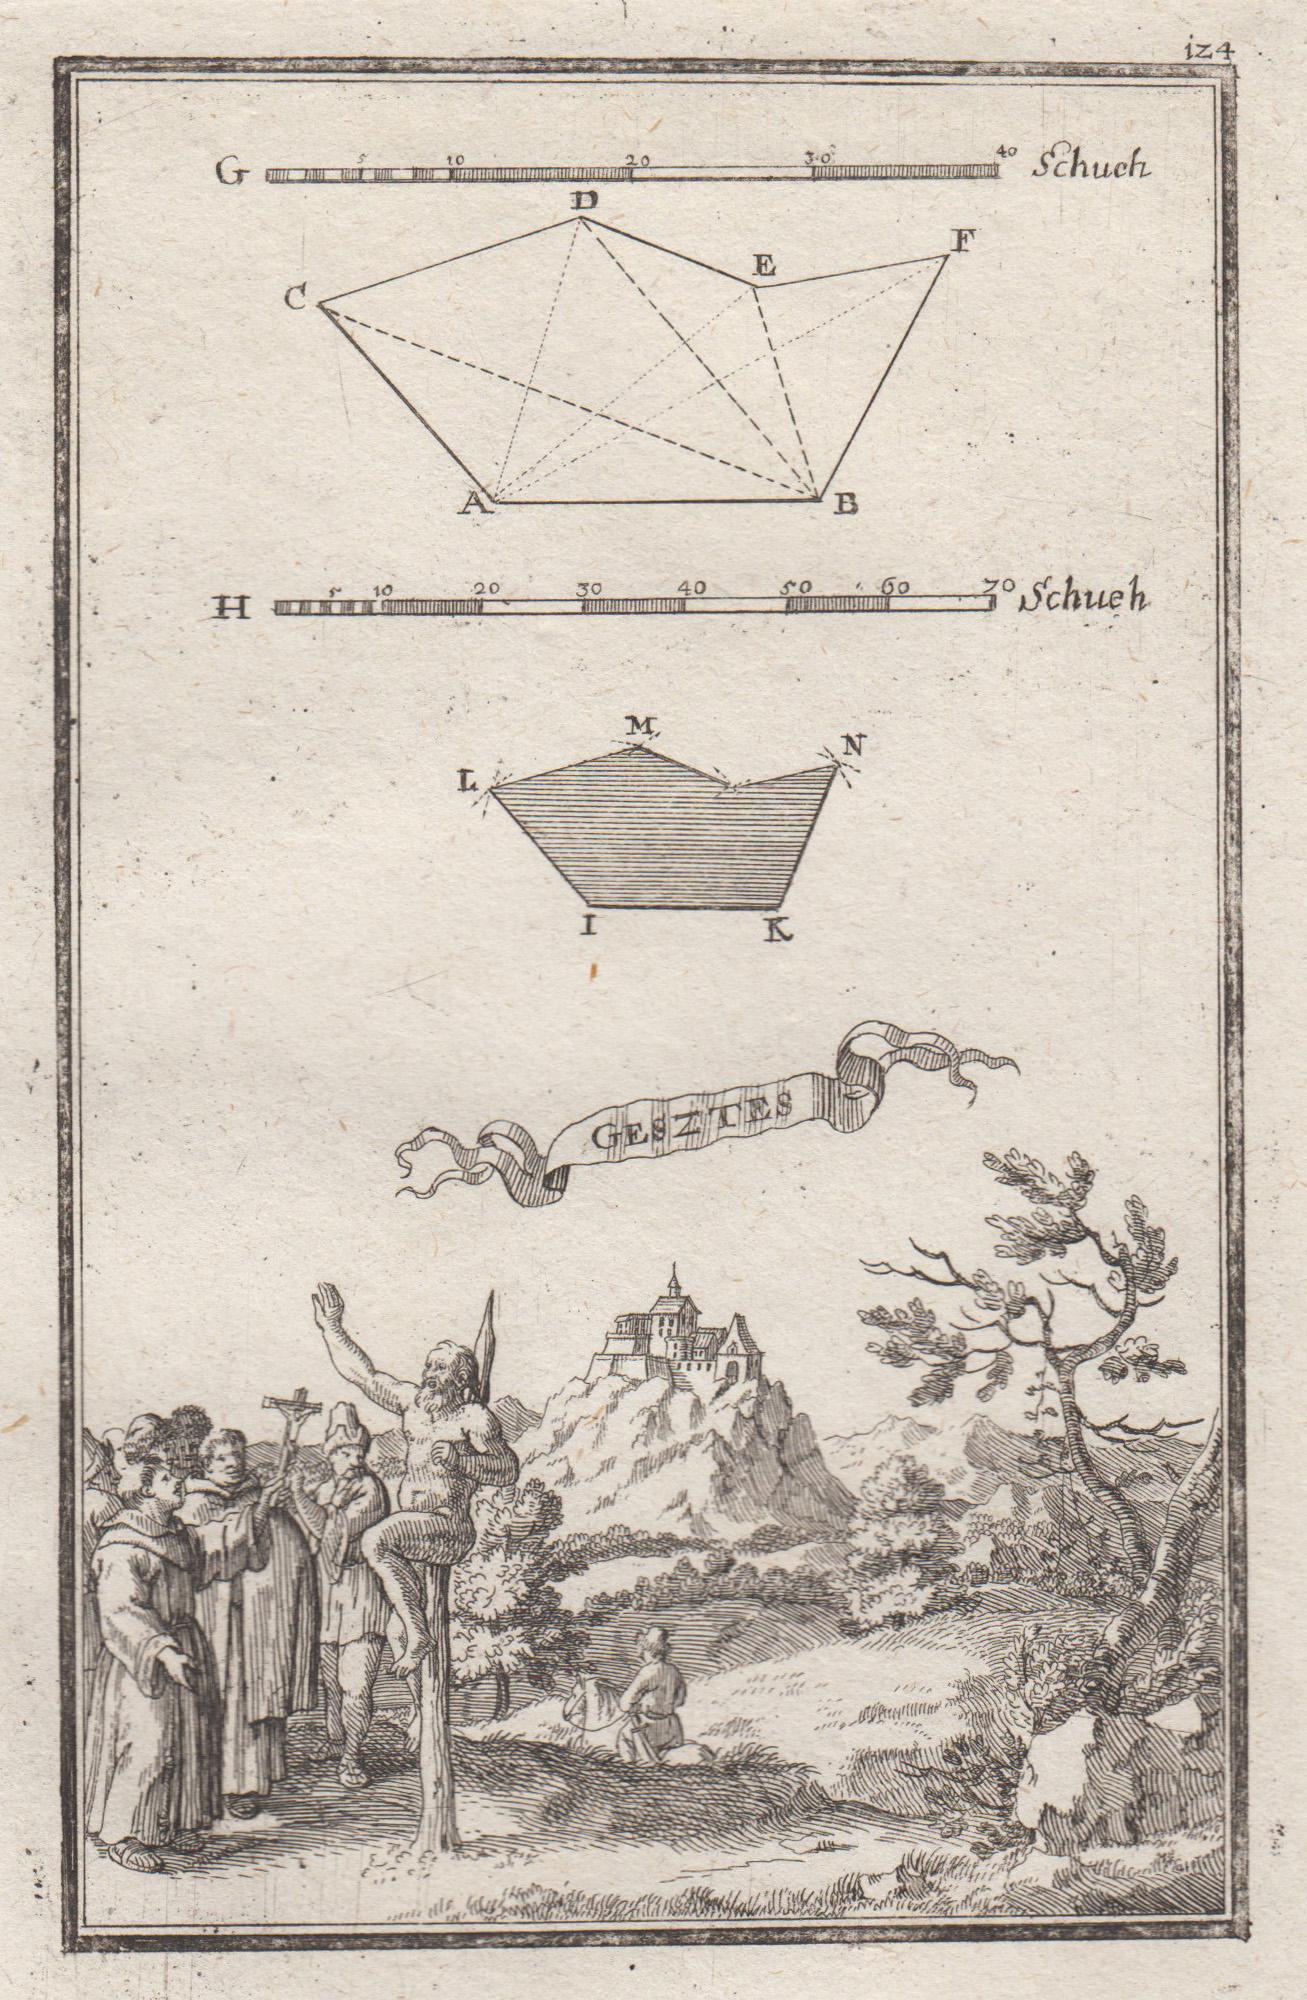 """Gesamtans., darüber geometrische Figuren, """"Gesztes"""".: Vargesztes ( Komarom"""